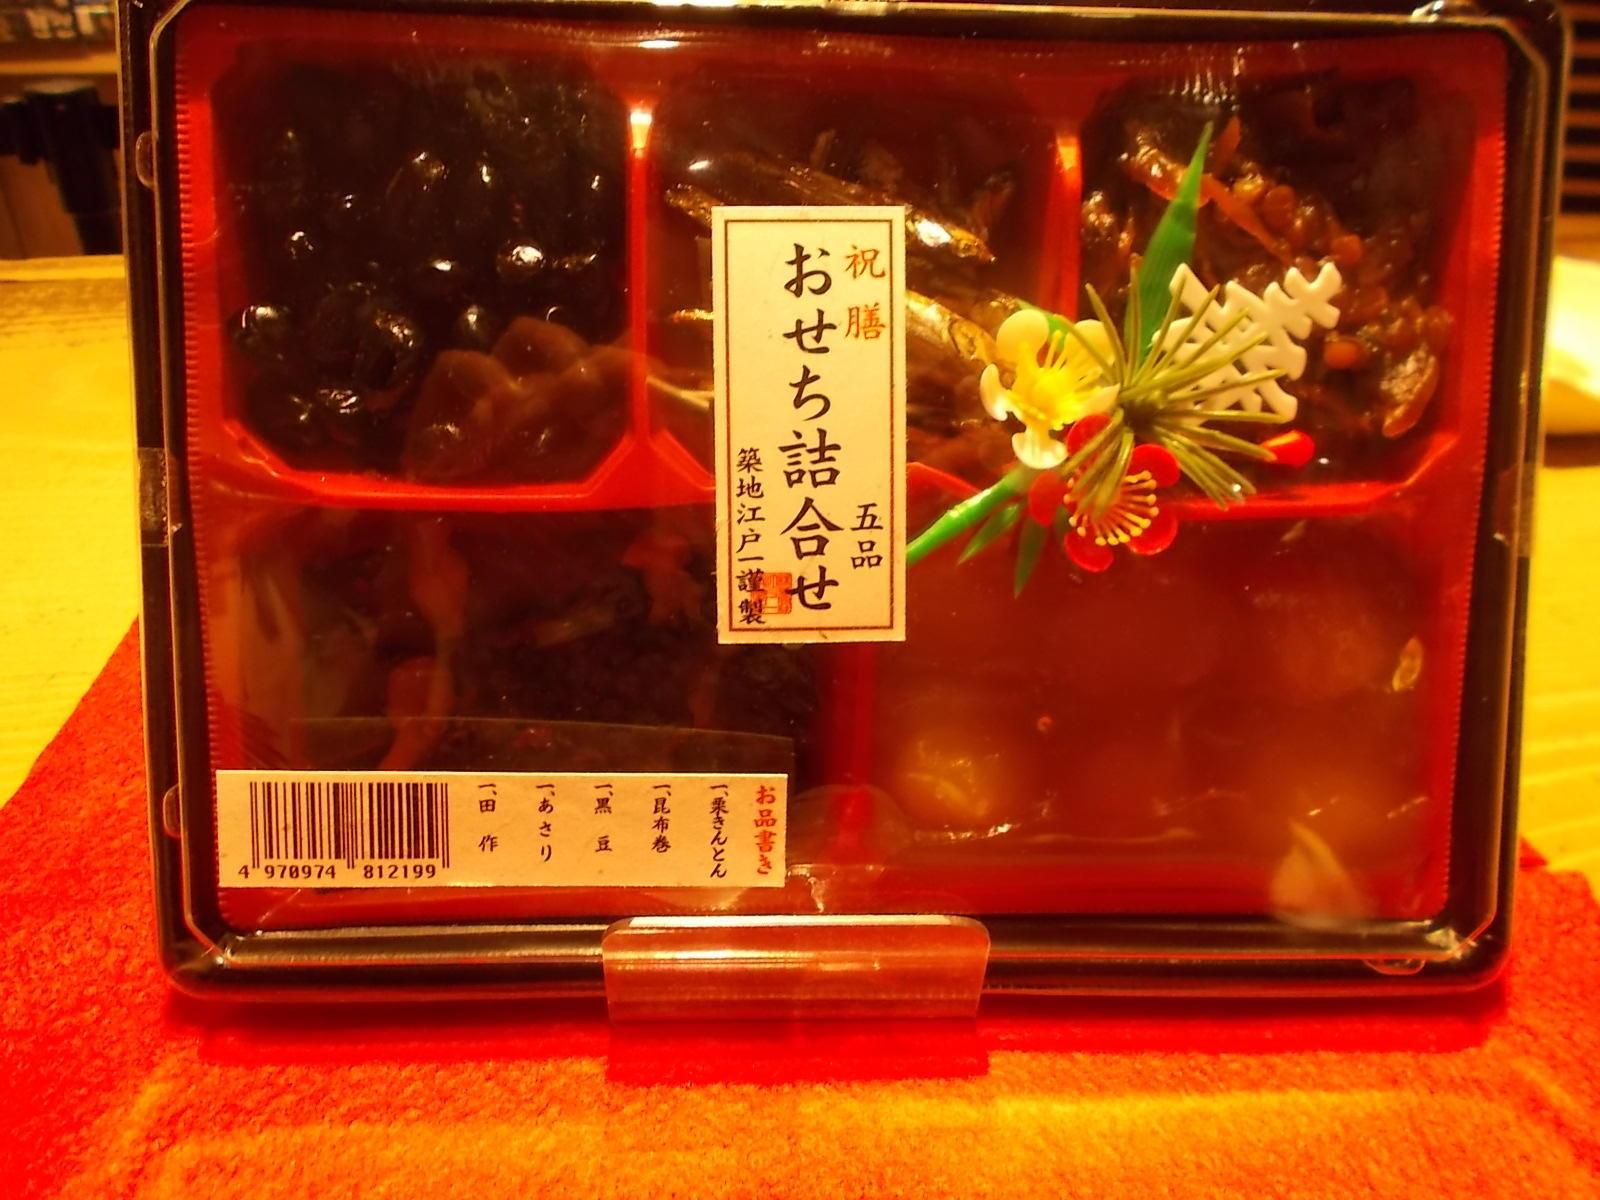 新商品☆築地江戸一謹製「祝膳おせち詰合せ五品」入荷しました。